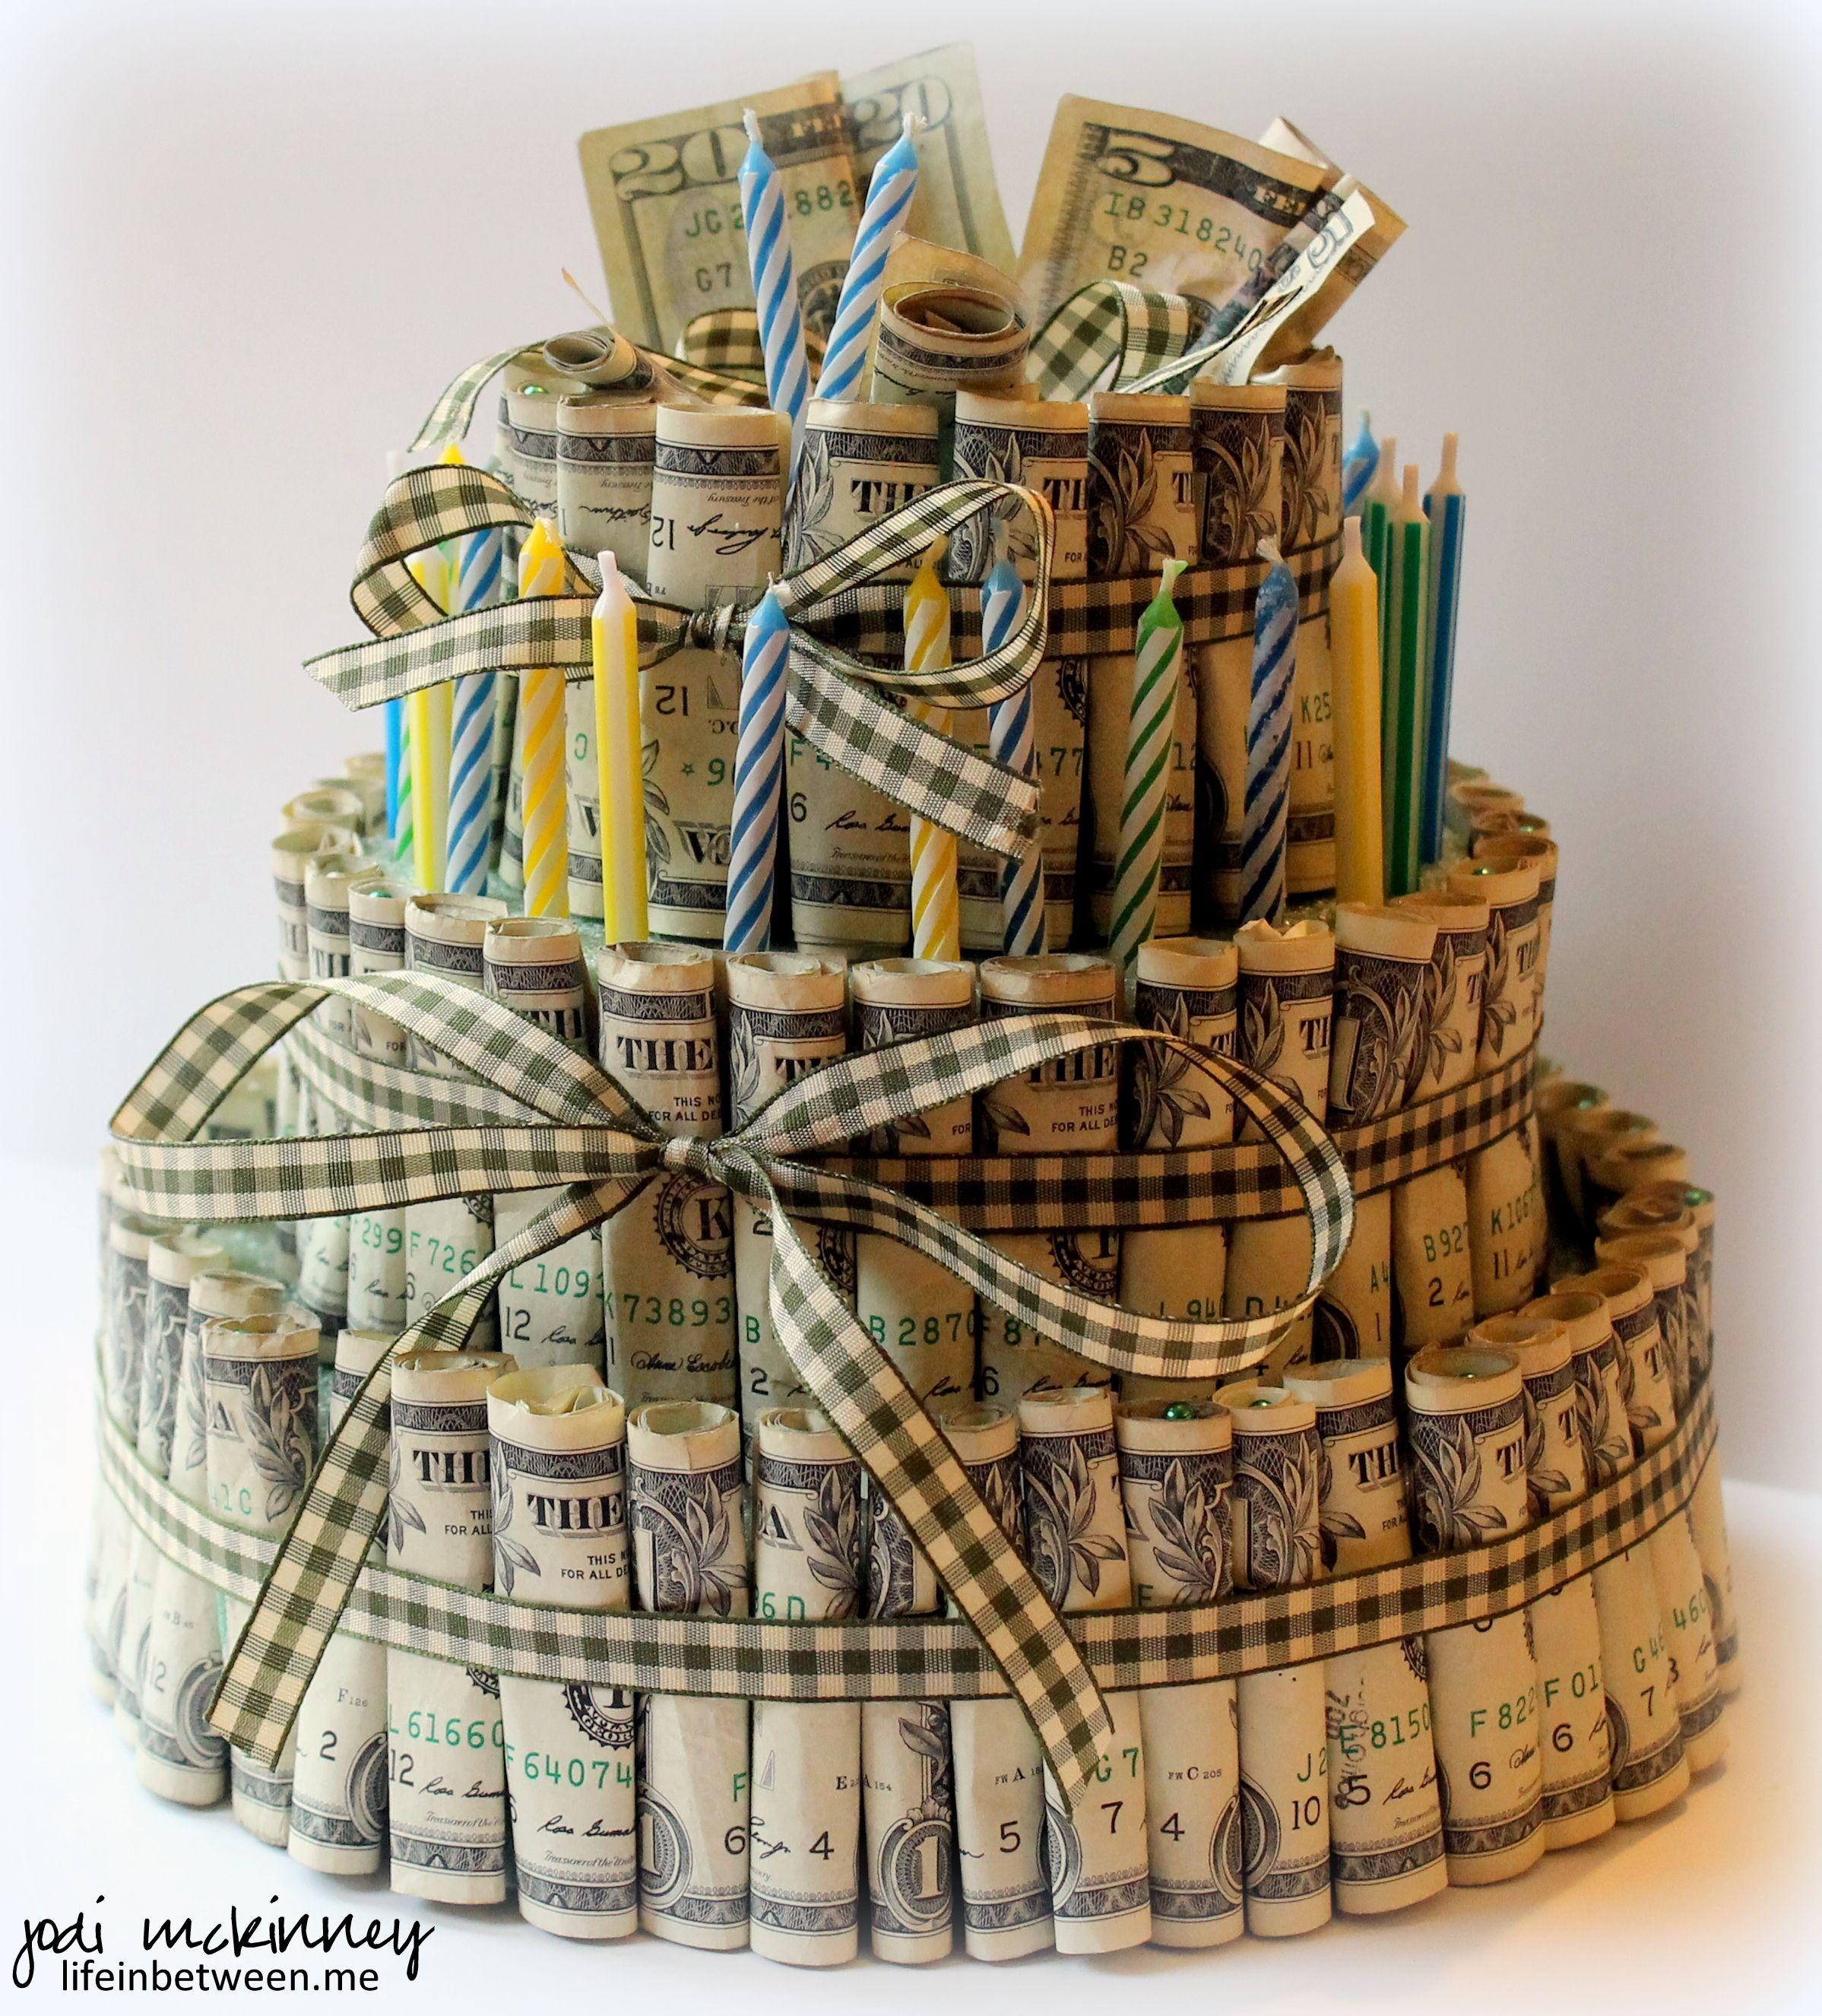 birthday money 30th birthday gifts 27th birthday happy birthday cakes ...